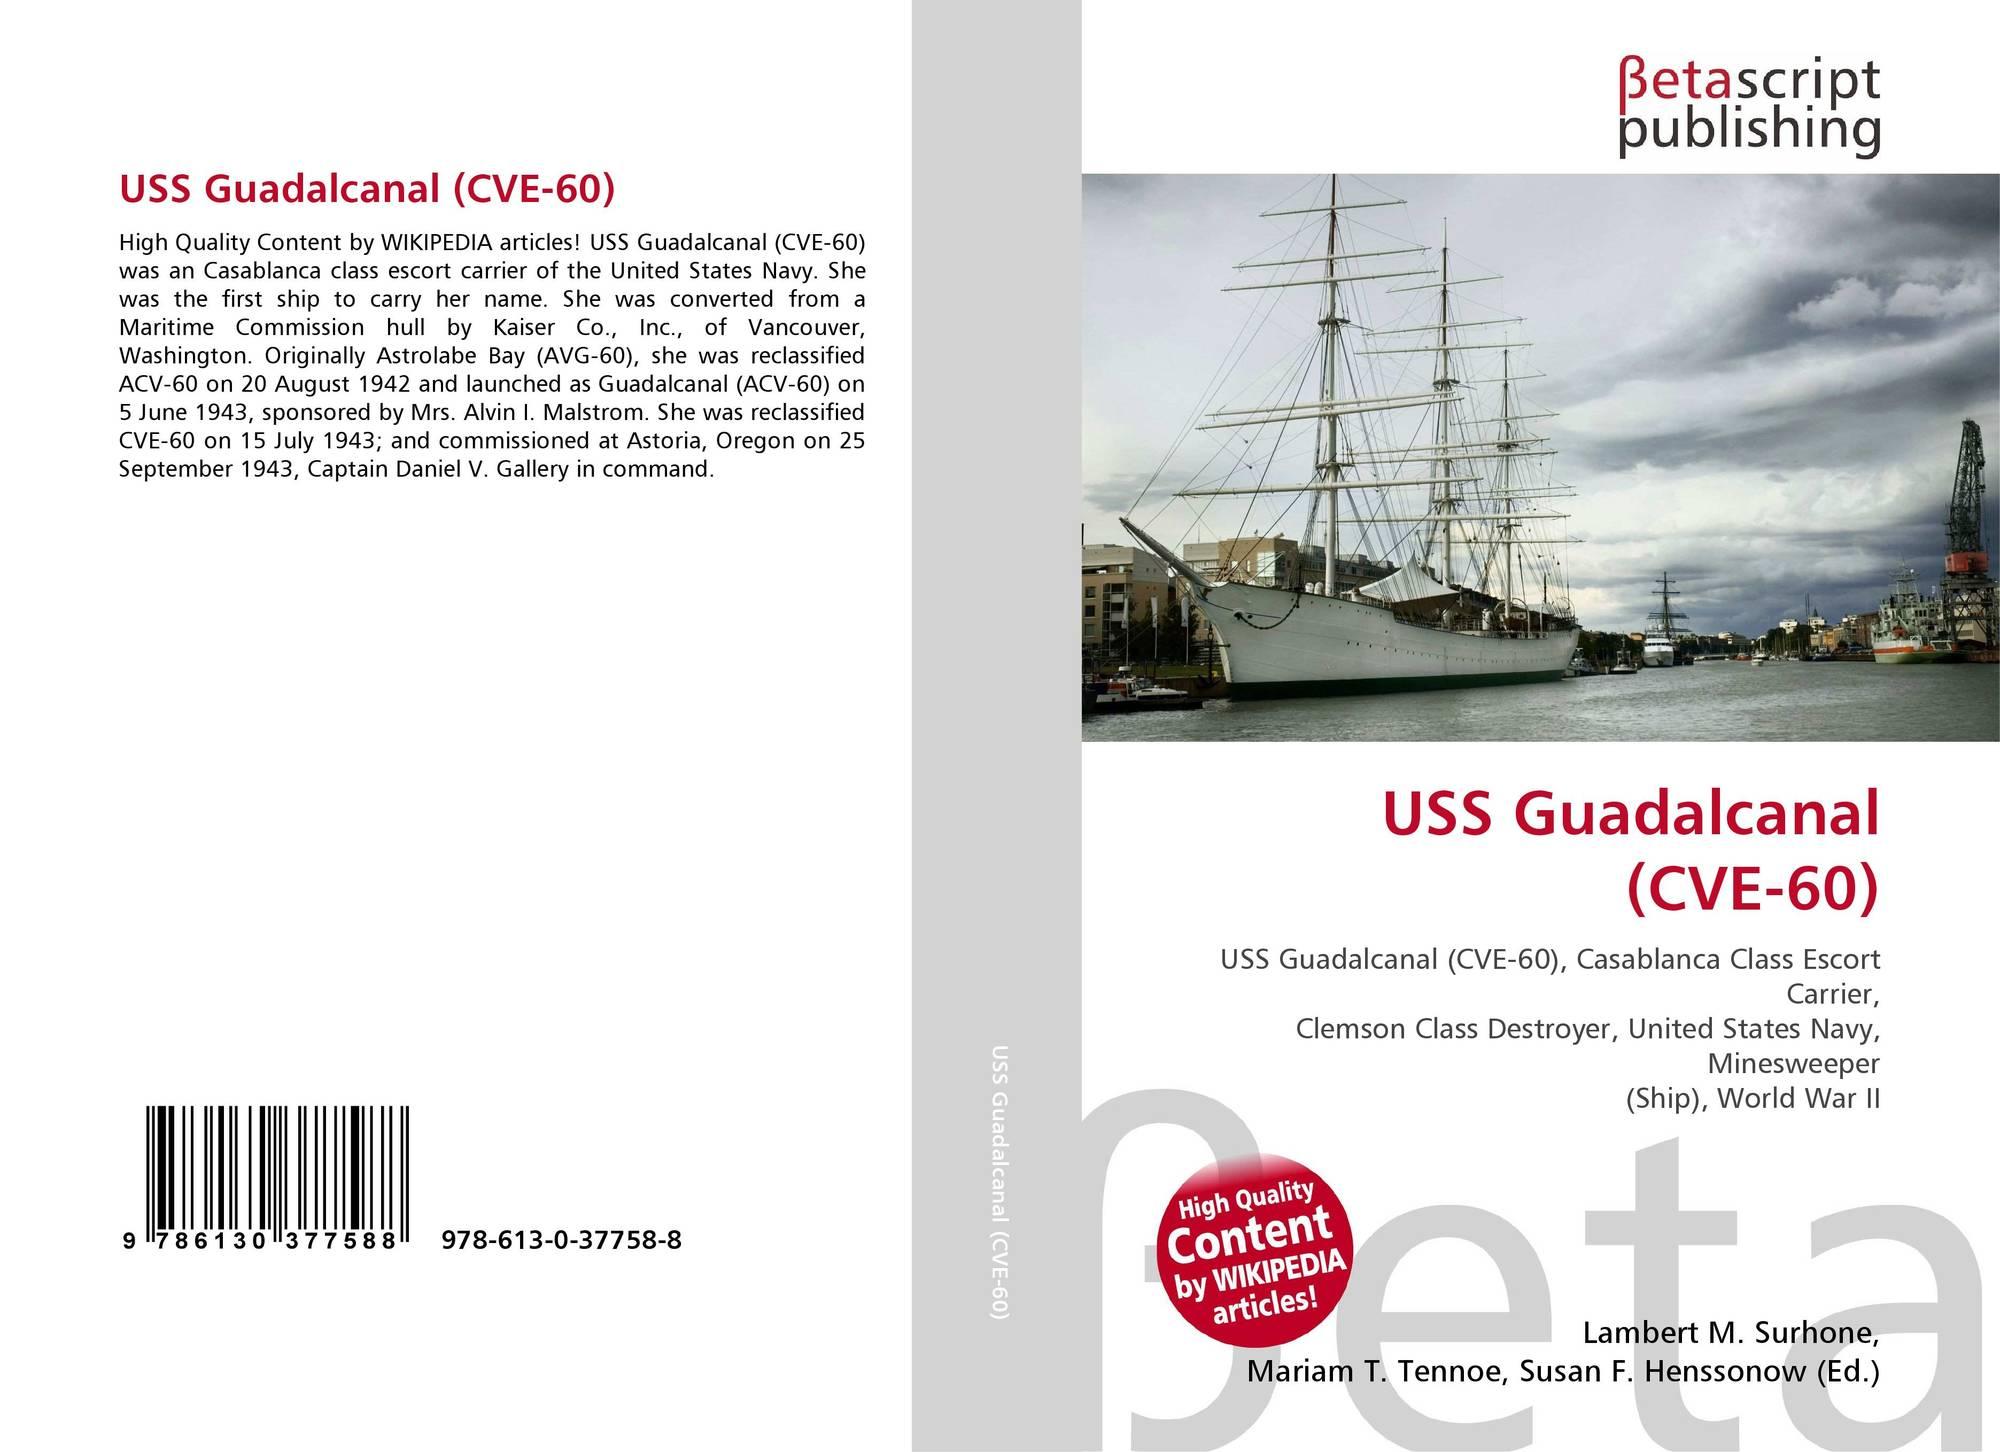 USS Guadalcanal (CVE-60), 978-613-0-37758-8, 6130377584